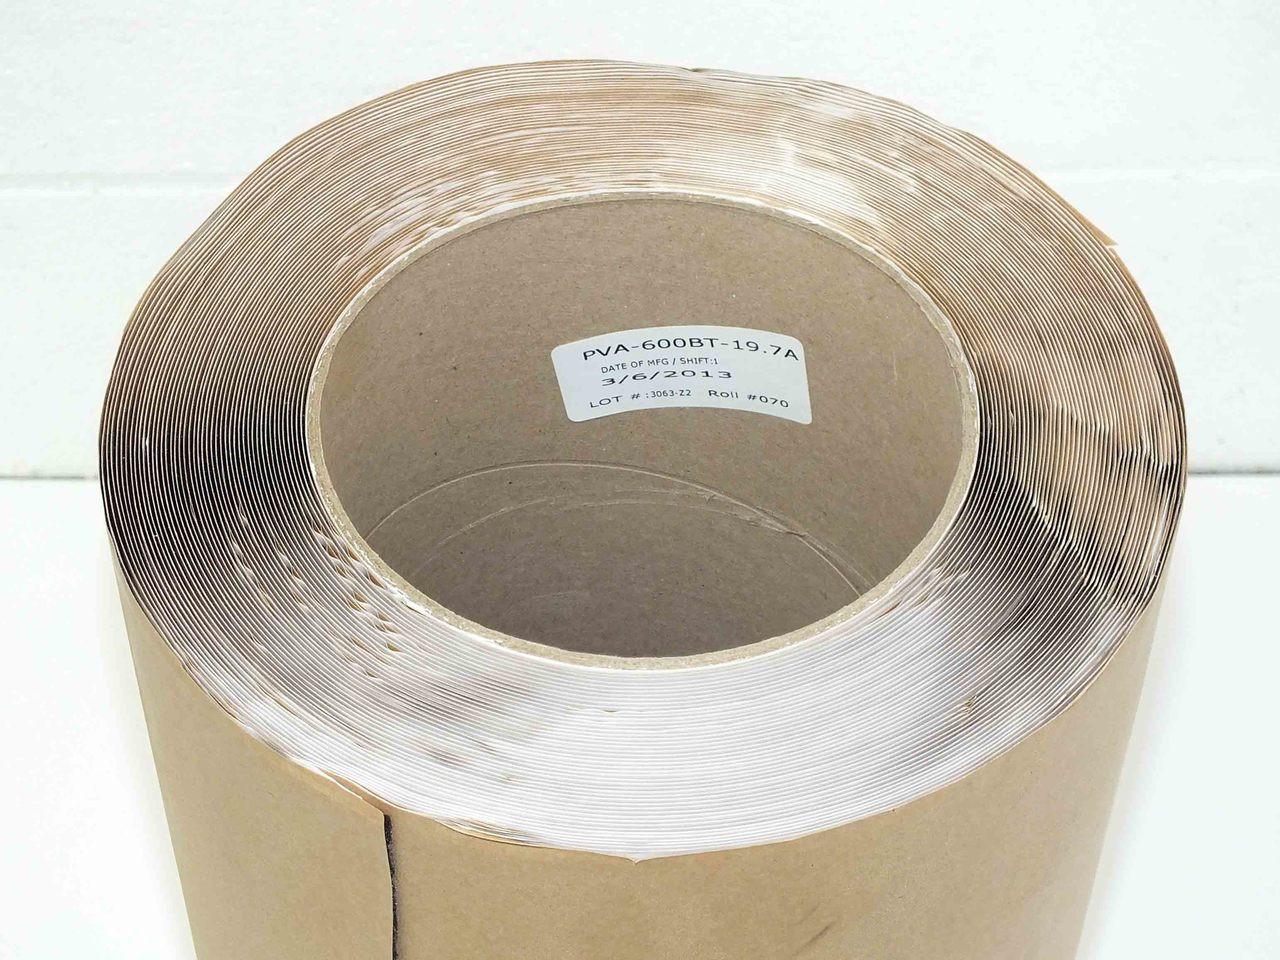 Heliobond Pva 600bt Pv Module Attachment Butyl Tacky Tape